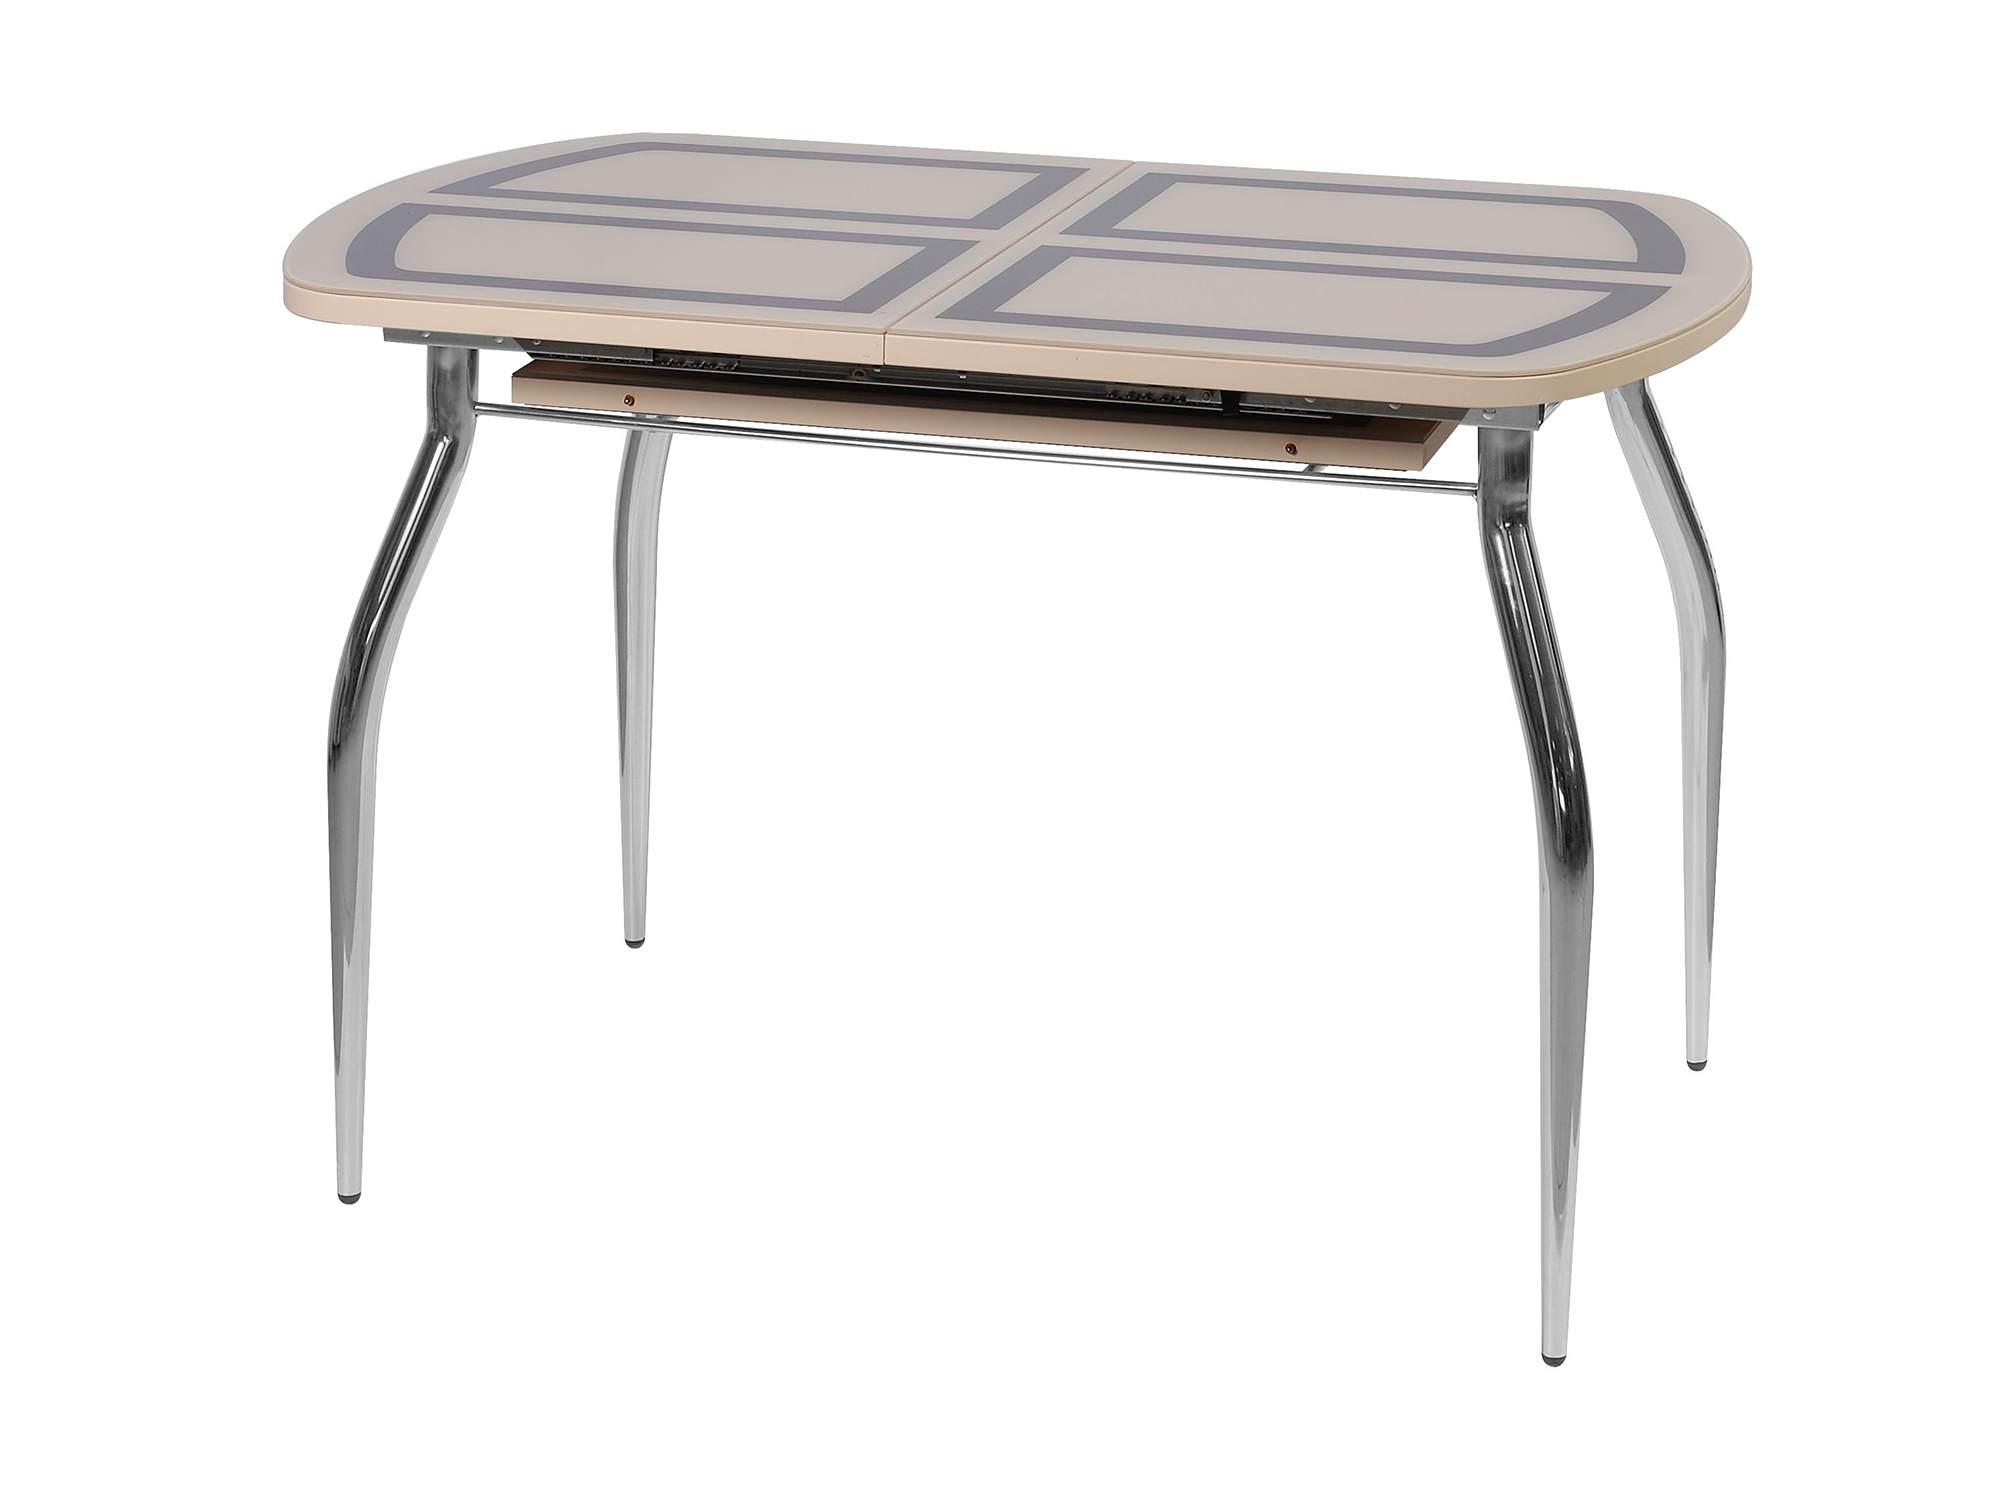 находкой для столы раздвижные а отрадном фото картинки данной